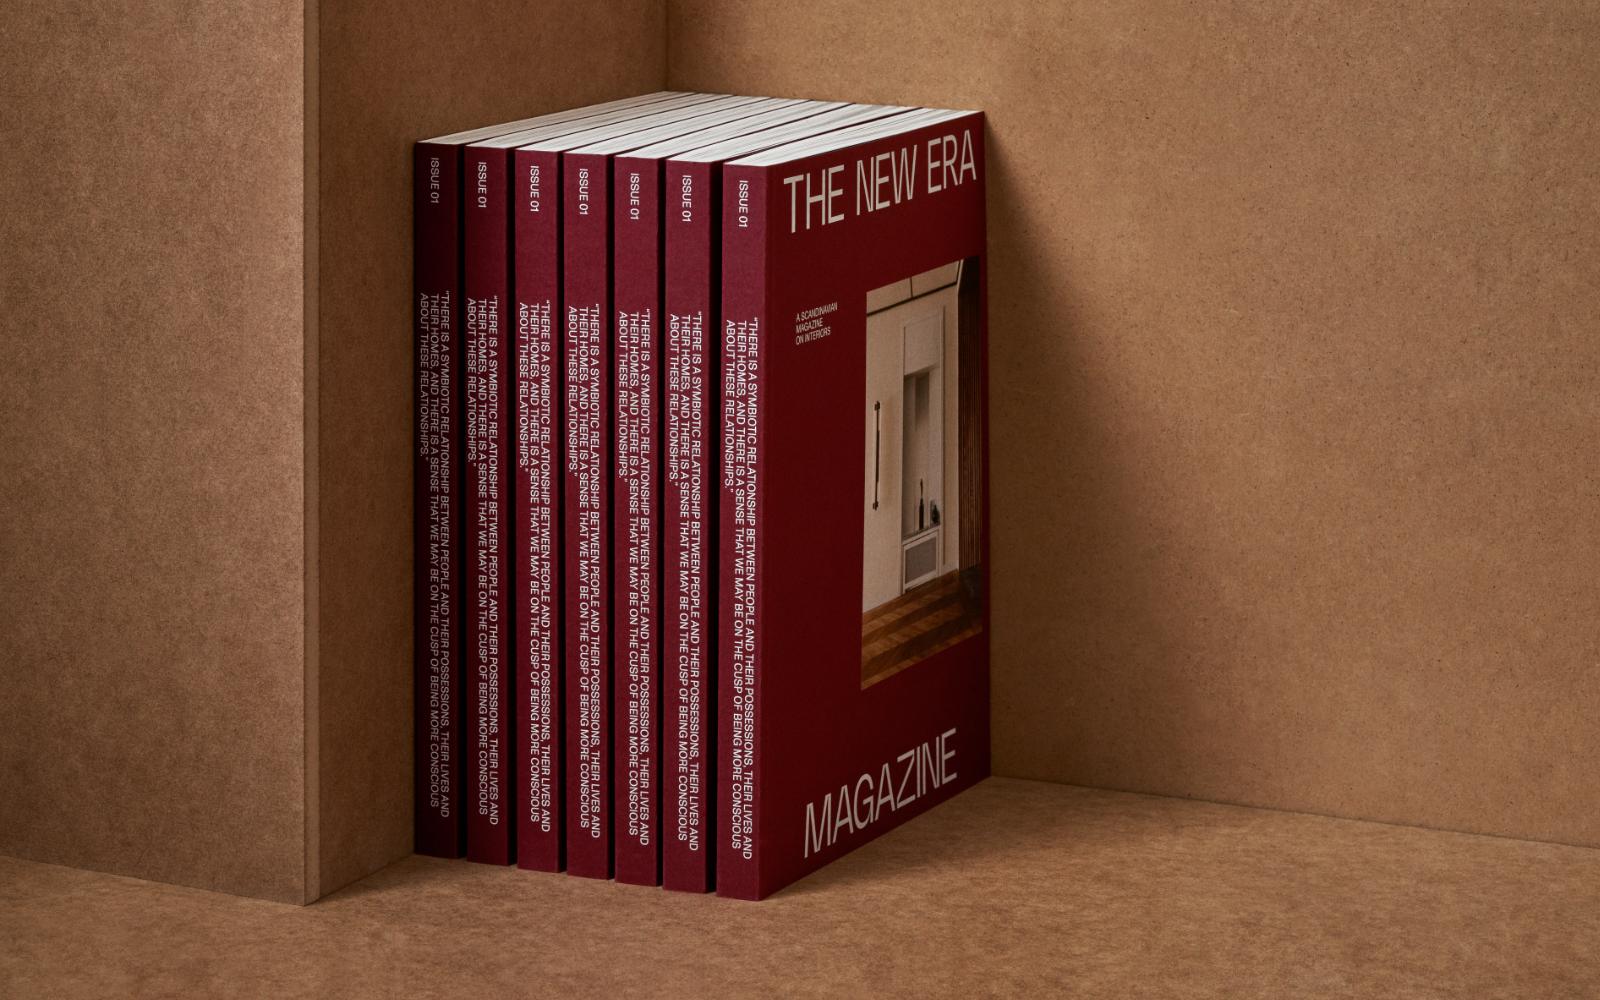 New Era Magazine, omslag. Foto: New Era Magazine.